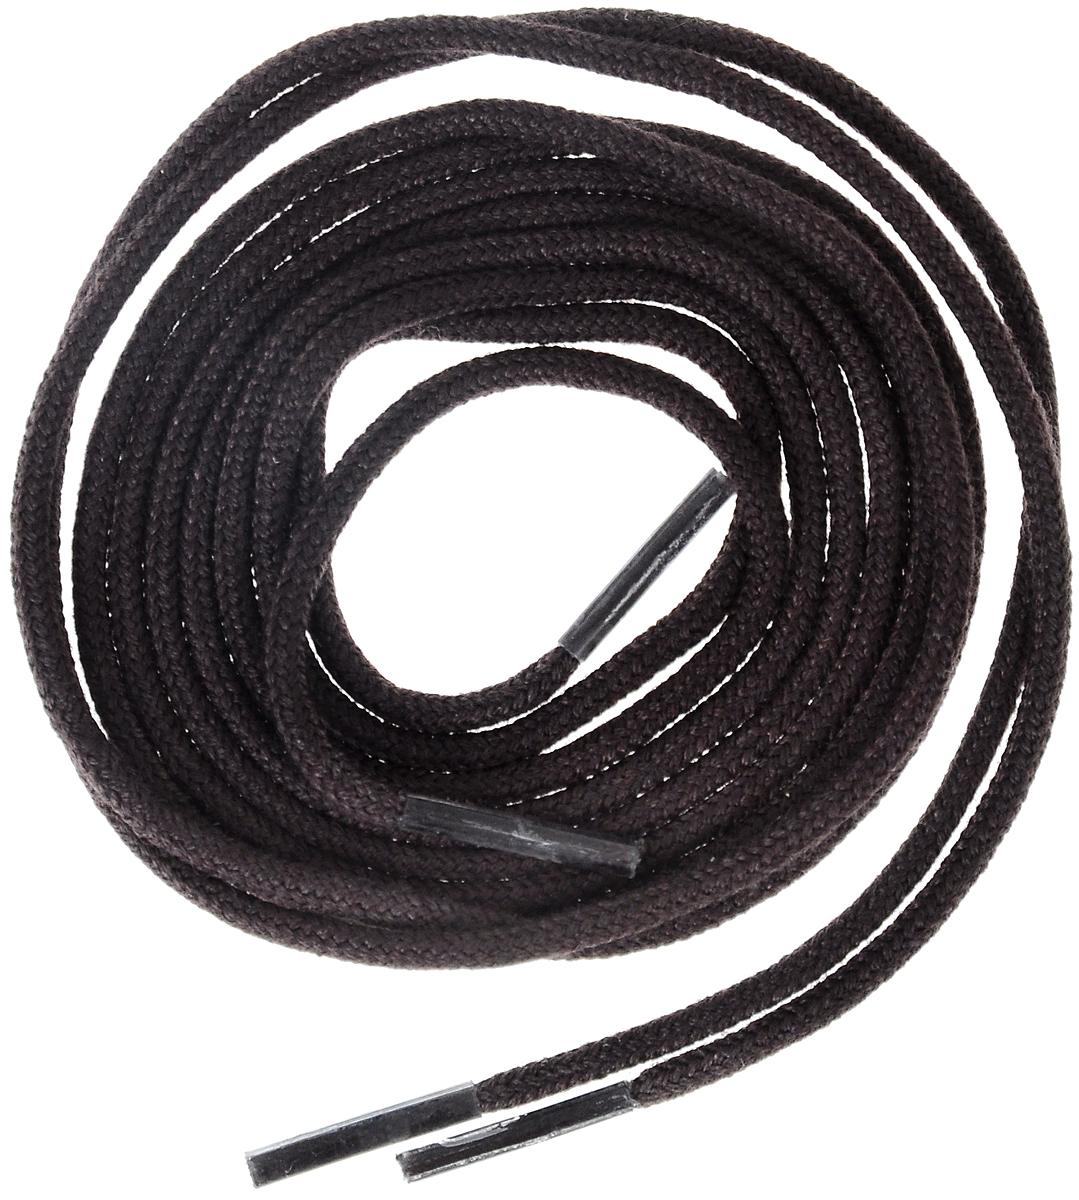 Шнурки тонкие Collonil Rund, цвет: темно-коричневый, длина 75 смNTS-101C blueТонкие шнурки Collonil Rund изготовлены из 75% хлопка и 25% полиамида. Крепкие и удобные шнурки являются неотъемлемым аксессуаром и подходят для ношения модельной или предназначенной для отдыха и туризма обуви. Подходят для обуви с восемью отверстиями.